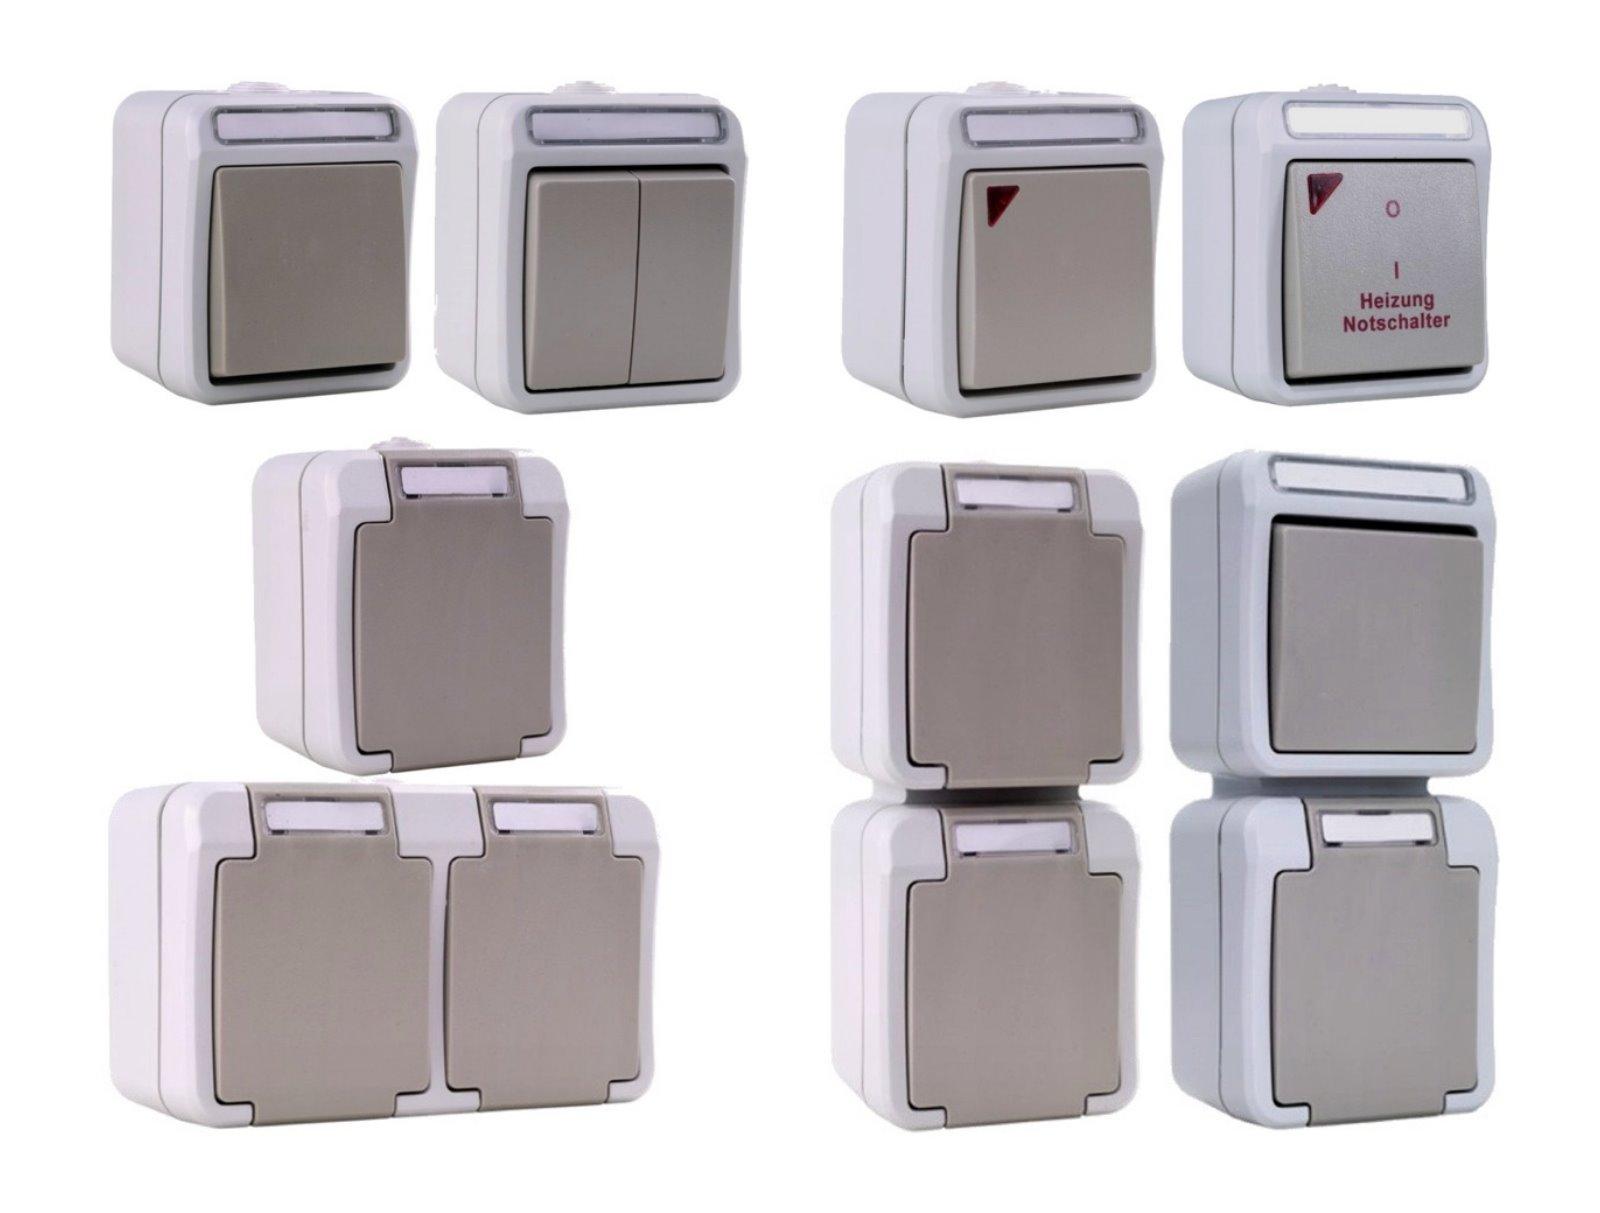 feuchtraum aufputz schalter namensschild serie aufbau. Black Bedroom Furniture Sets. Home Design Ideas